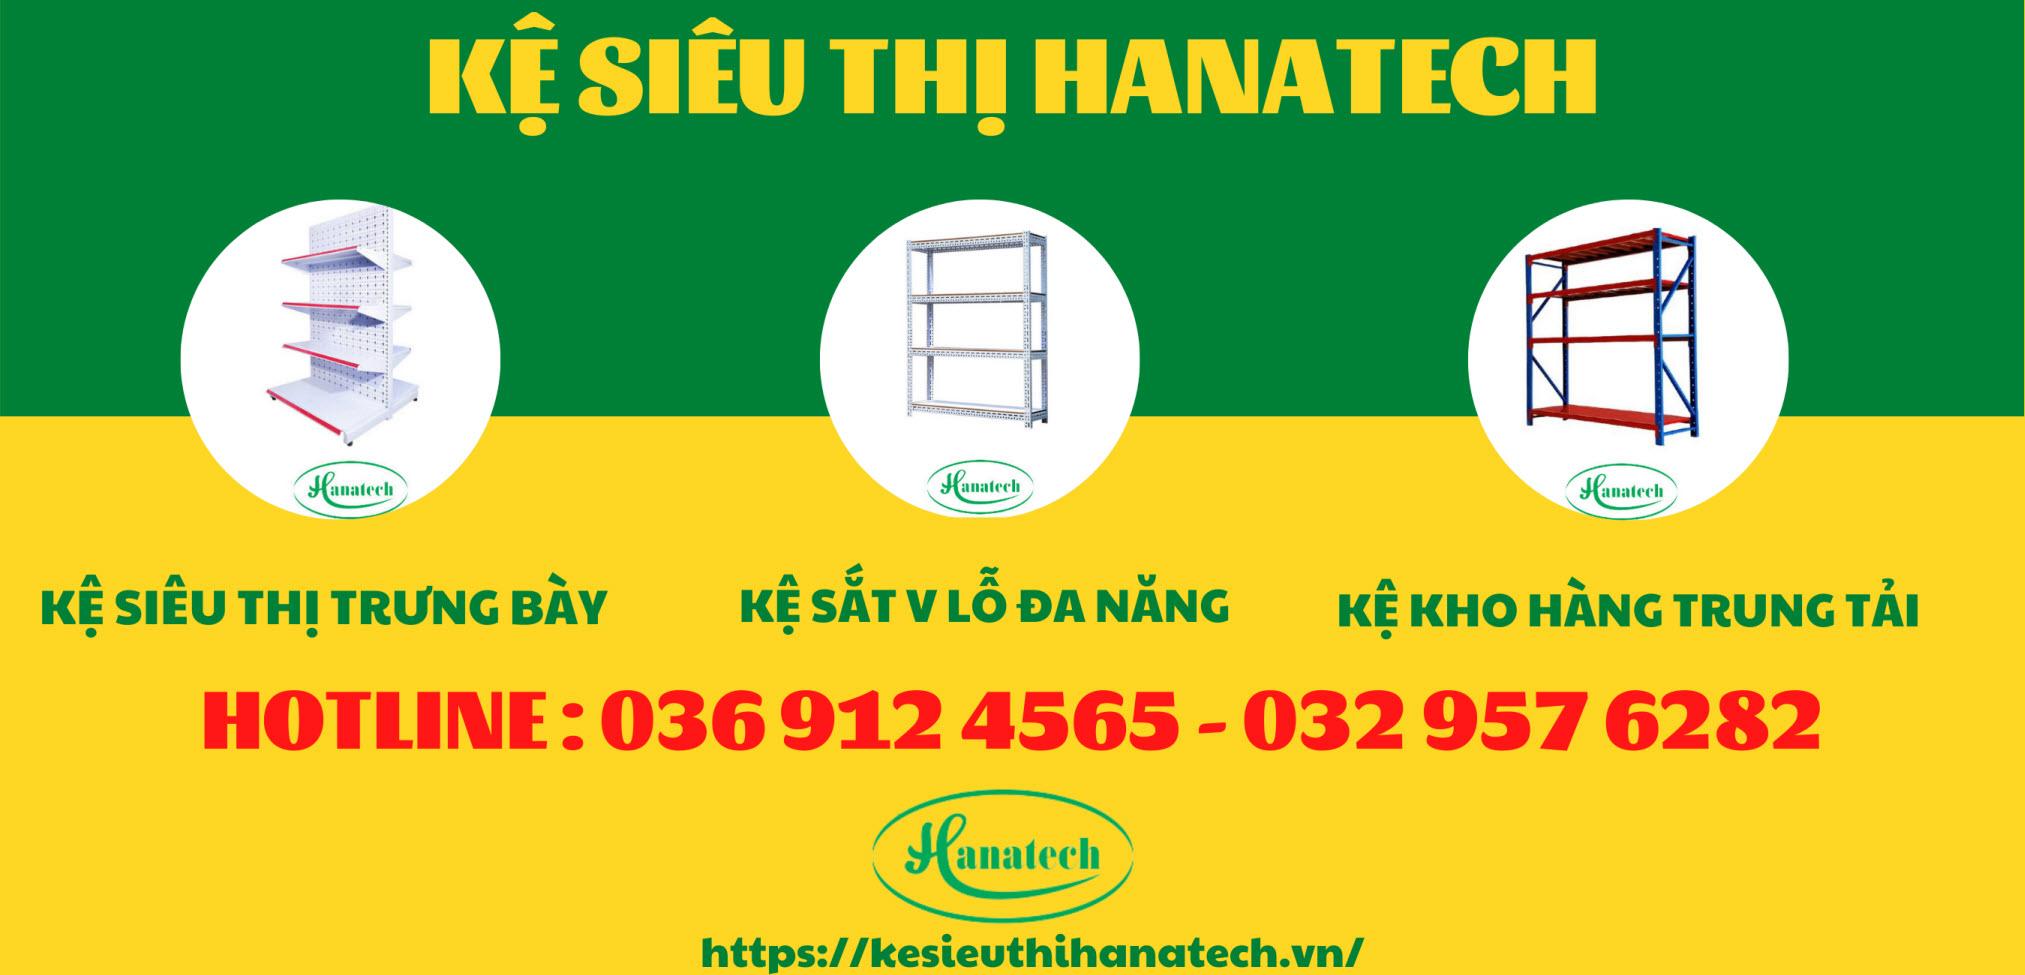 Giá kệ siêu thị Hanatech